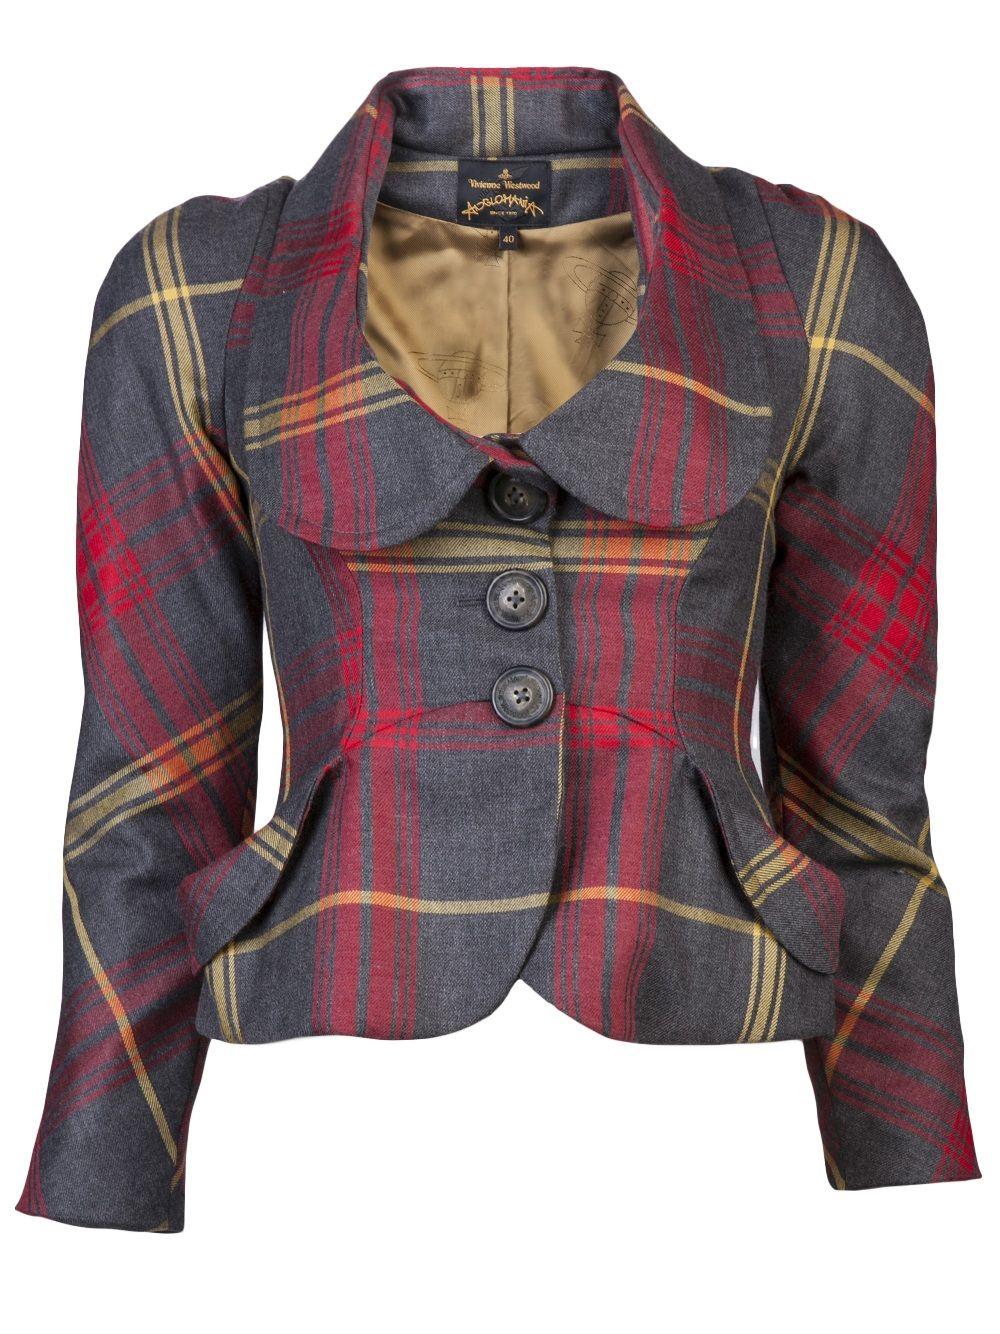 Vivienne Westwood blazer